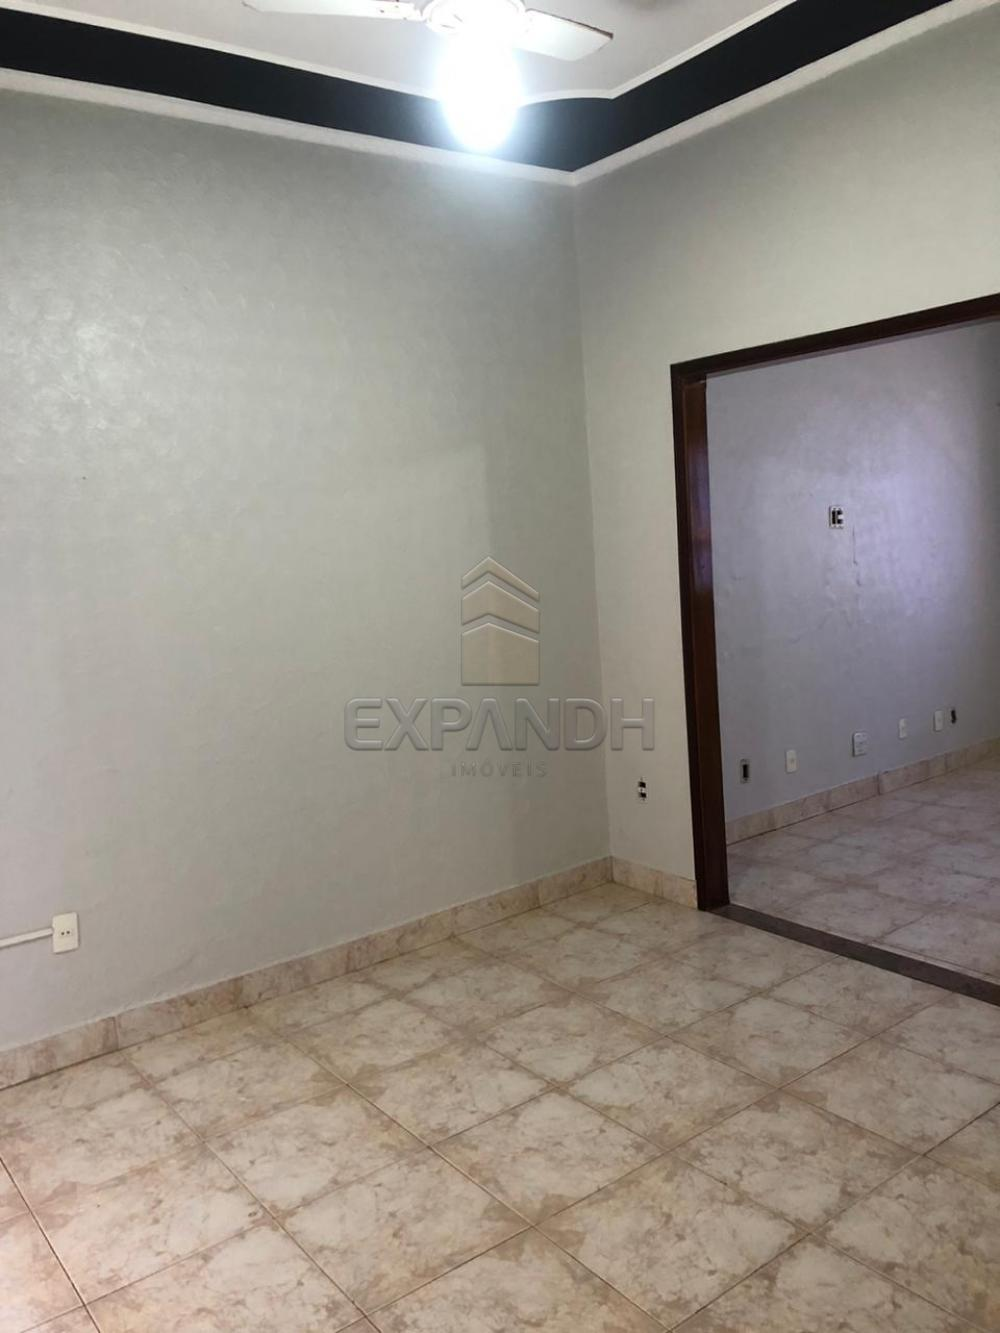 Alugar Casas / Padrão em Sertãozinho R$ 1.300,00 - Foto 6